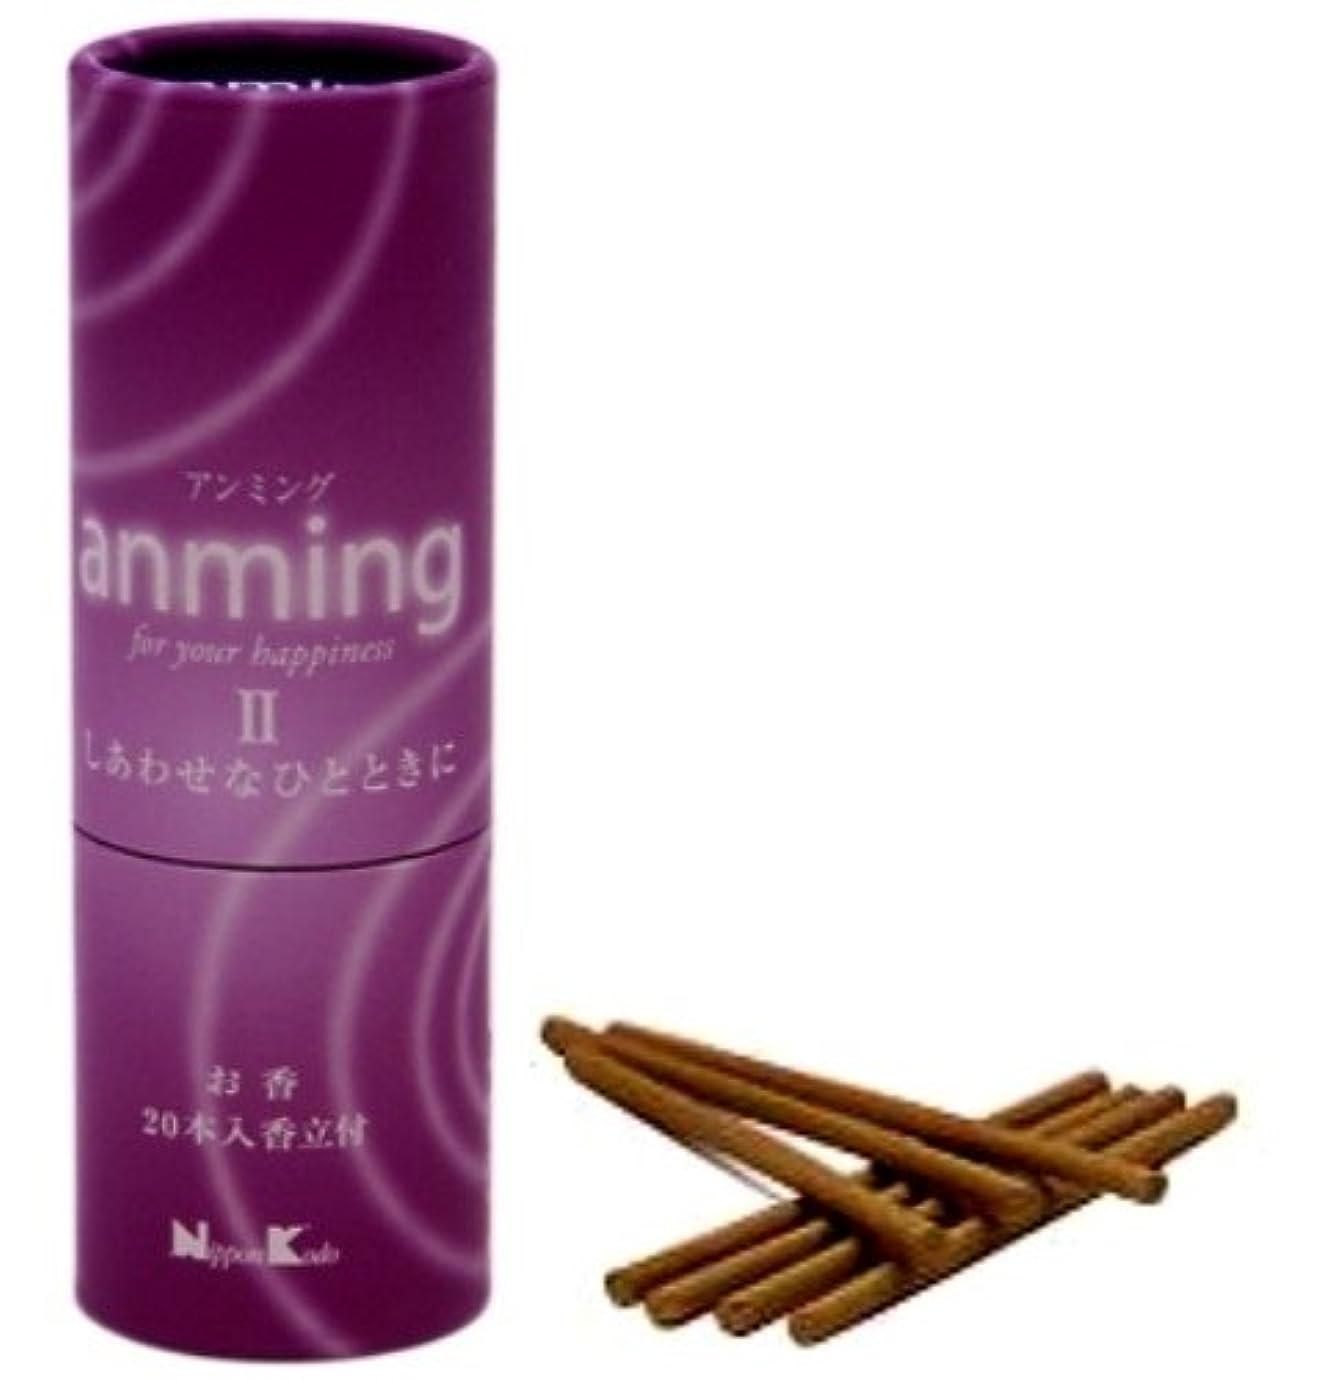 魅惑するくちばし消費するanming2(アンミング2) お香 20本入り